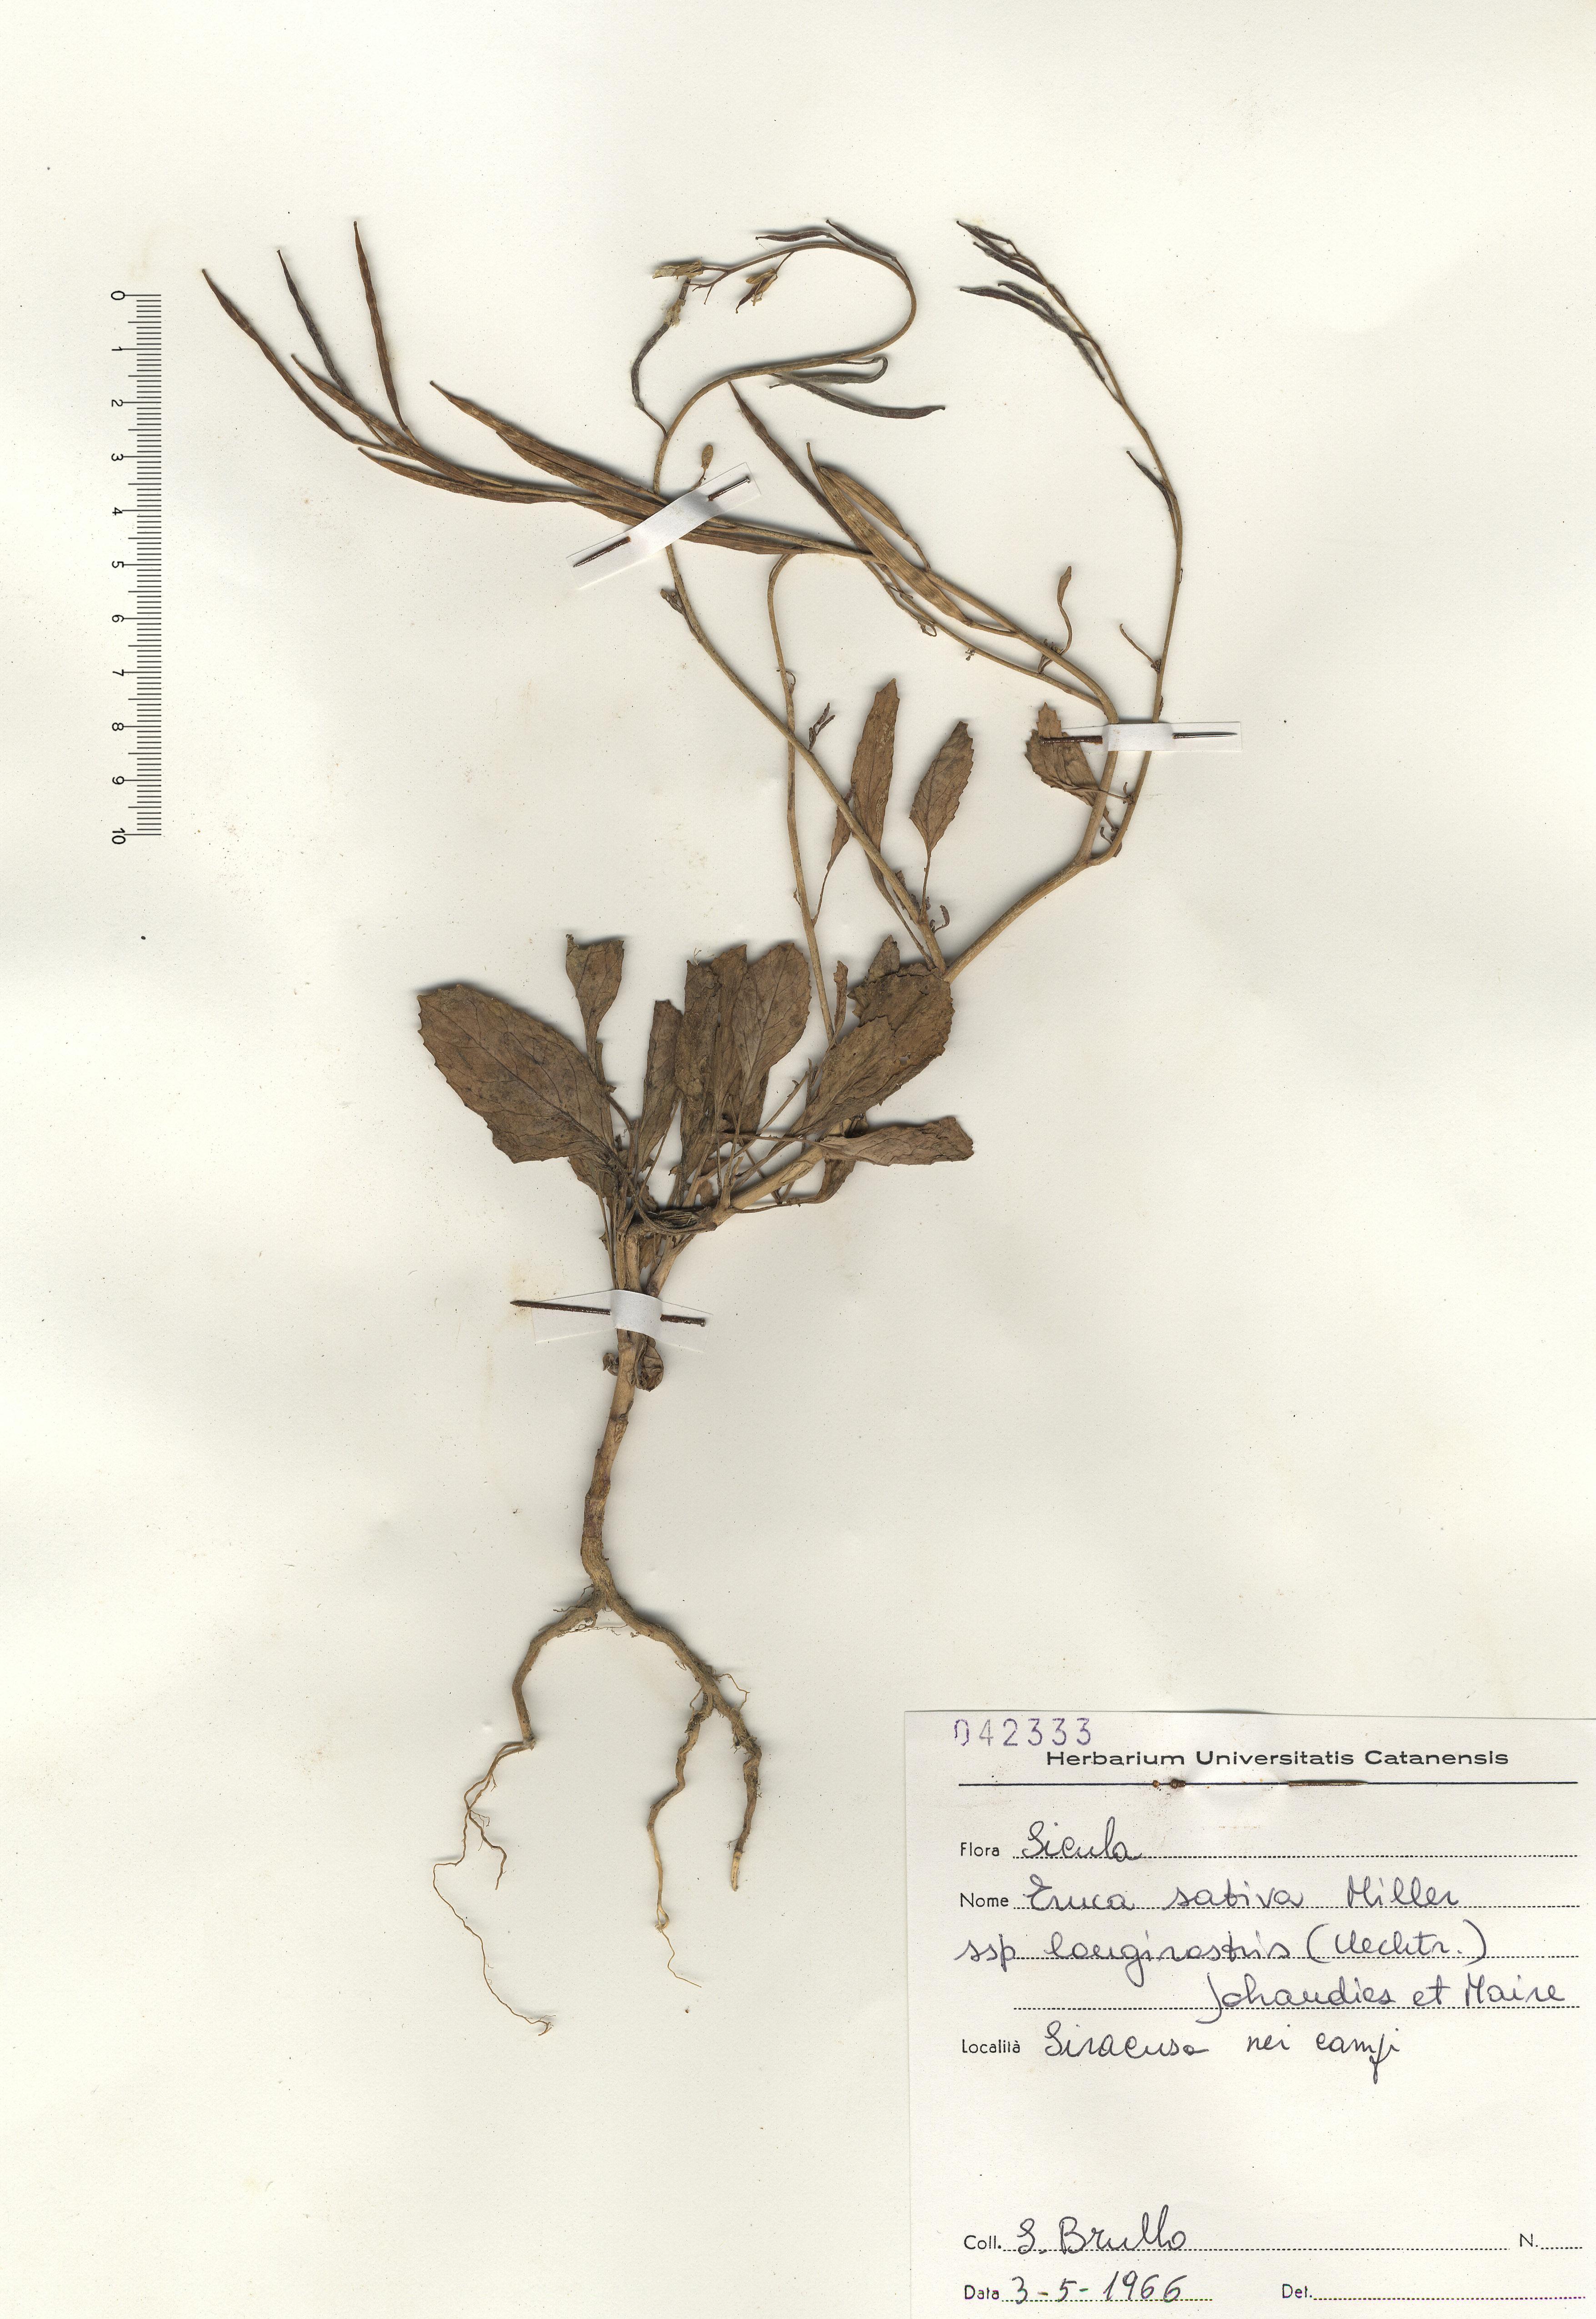 © Hortus Botanicus Catinensis - Herb. sheet 042333<br>